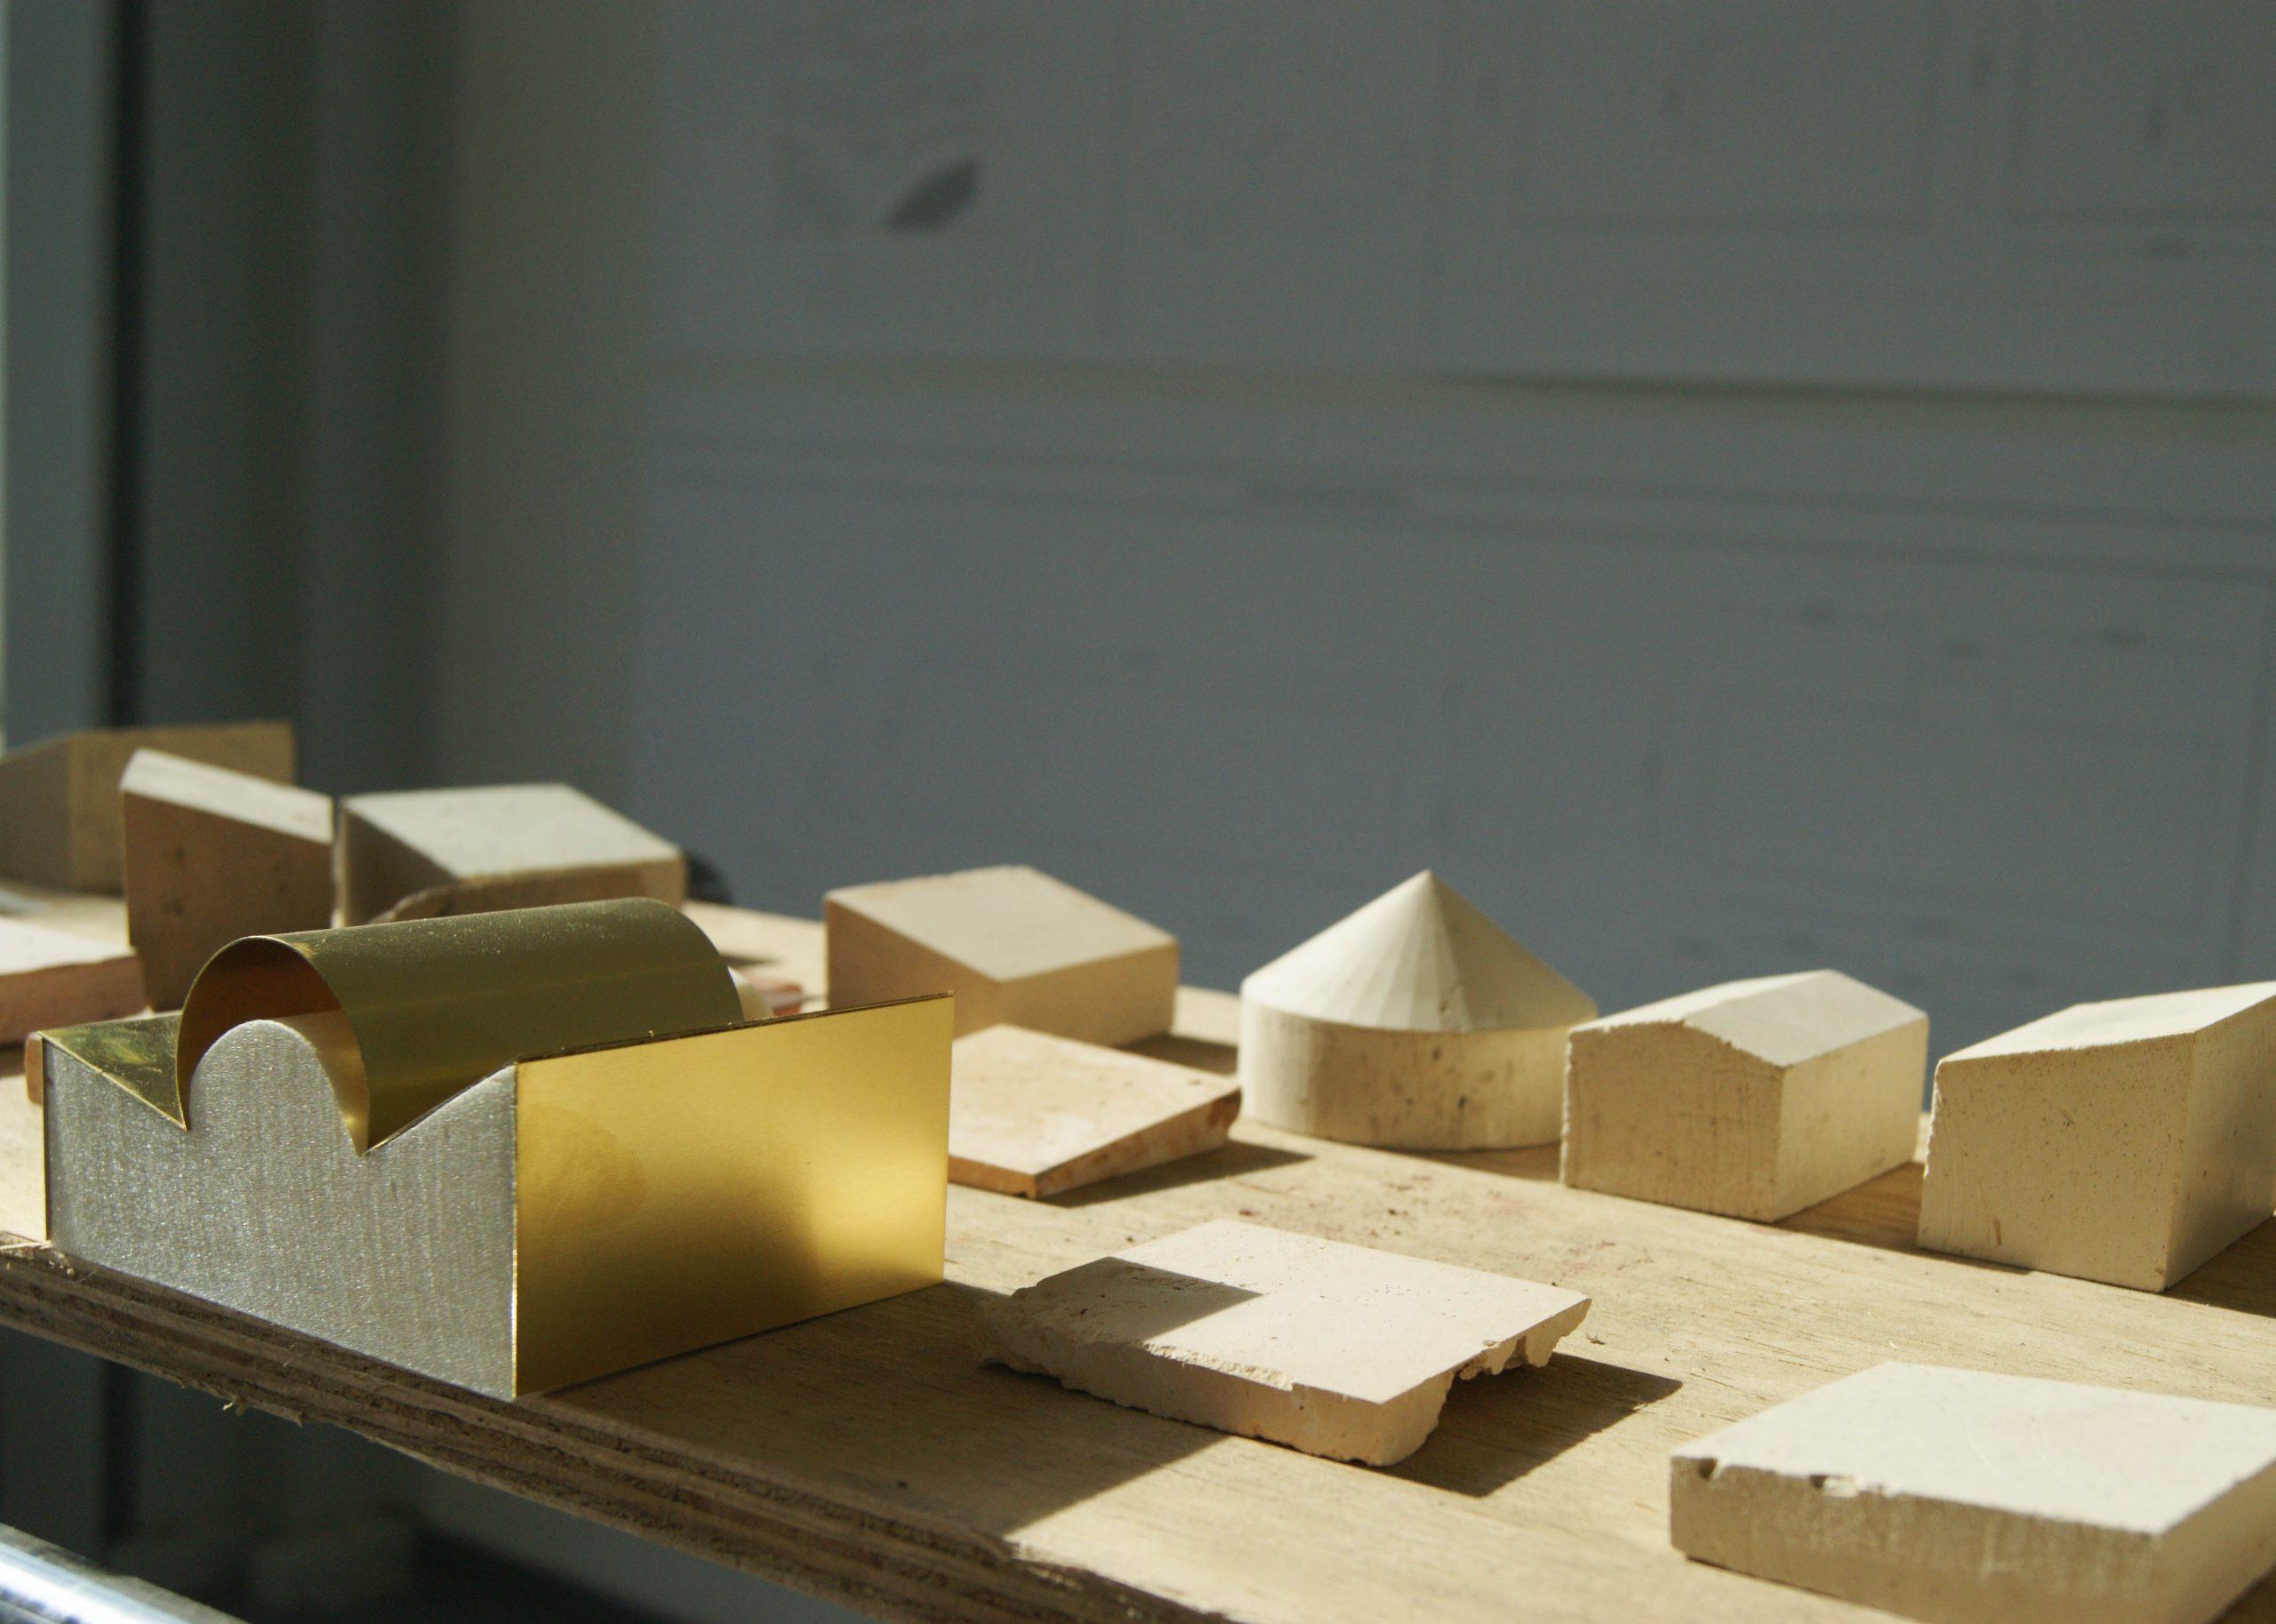 Model Venice Biennale 2020